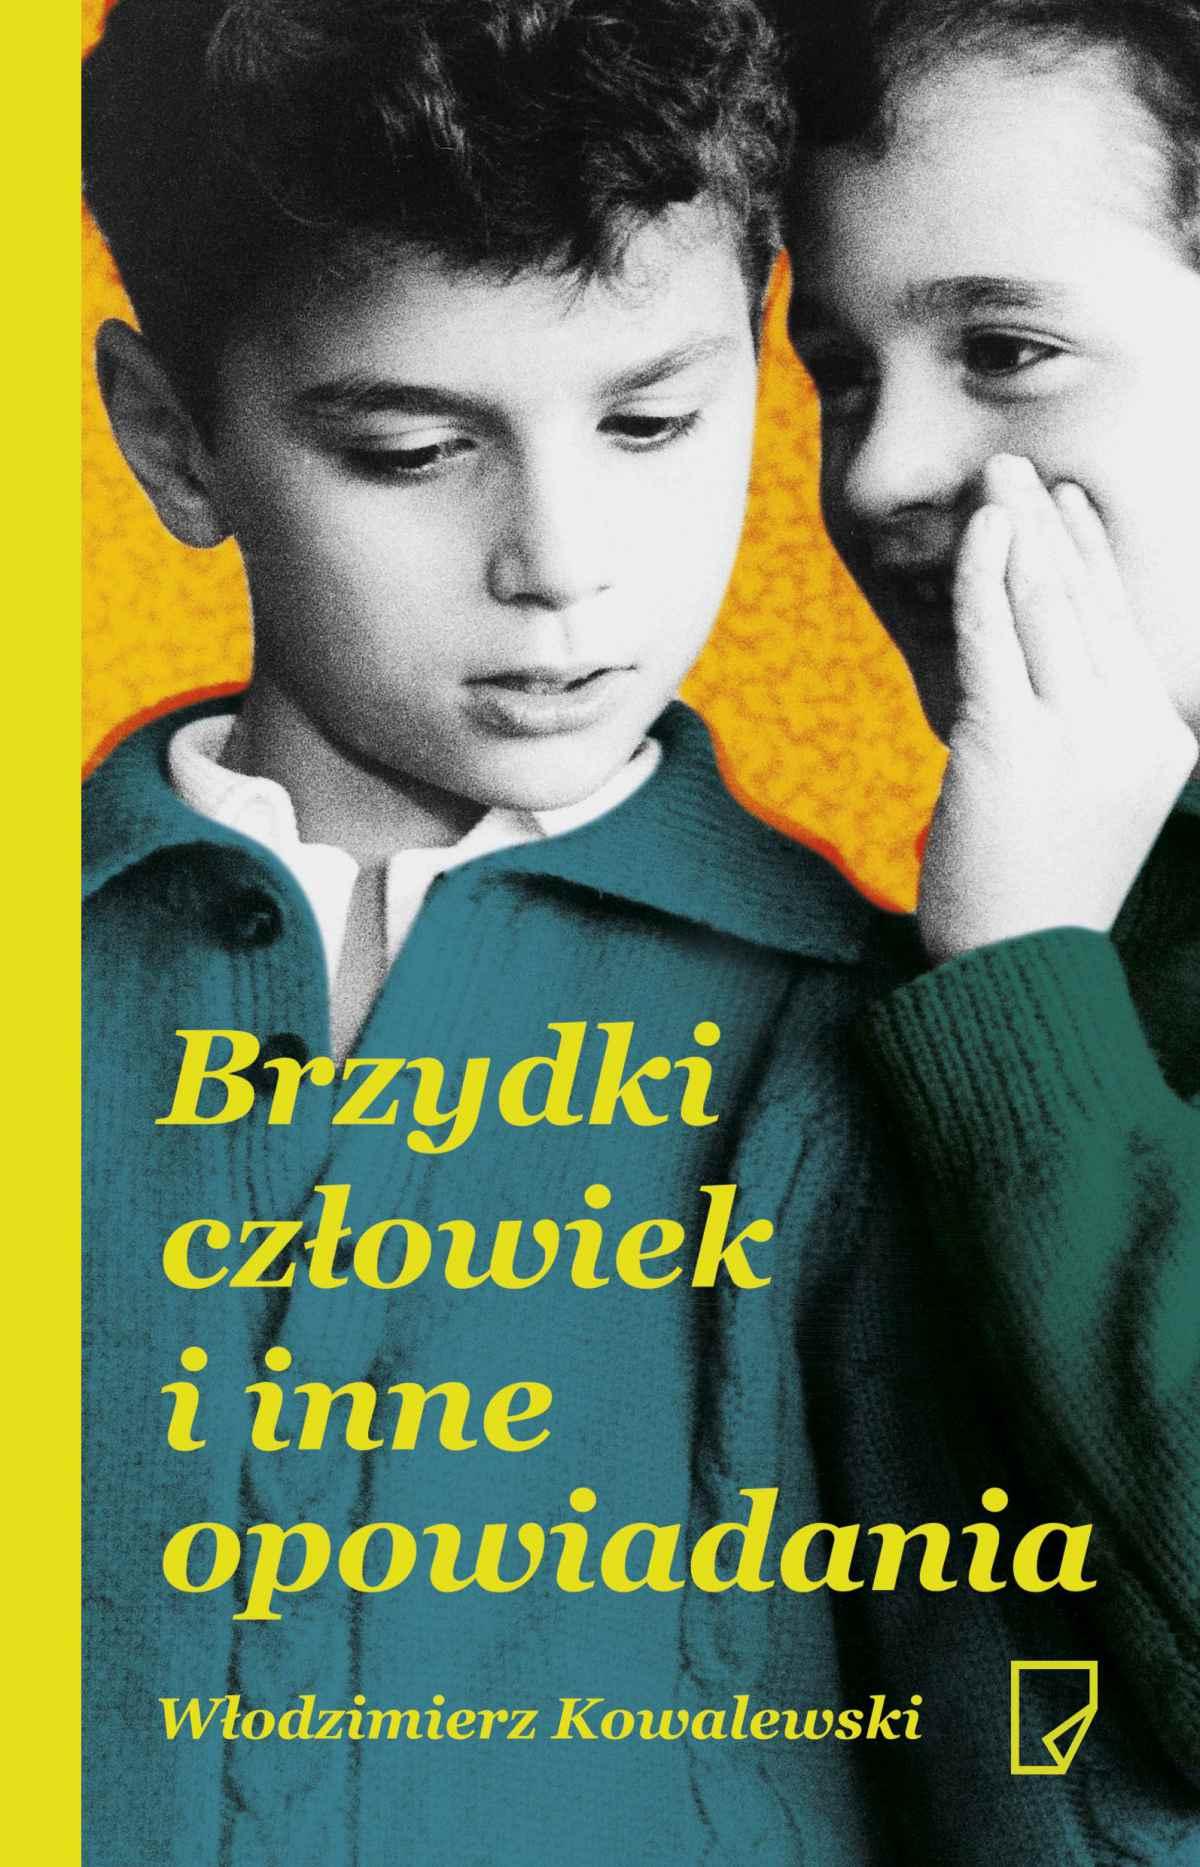 Brzydki człowiek i inne opowiadania - Ebook (Książka na Kindle) do pobrania w formacie MOBI